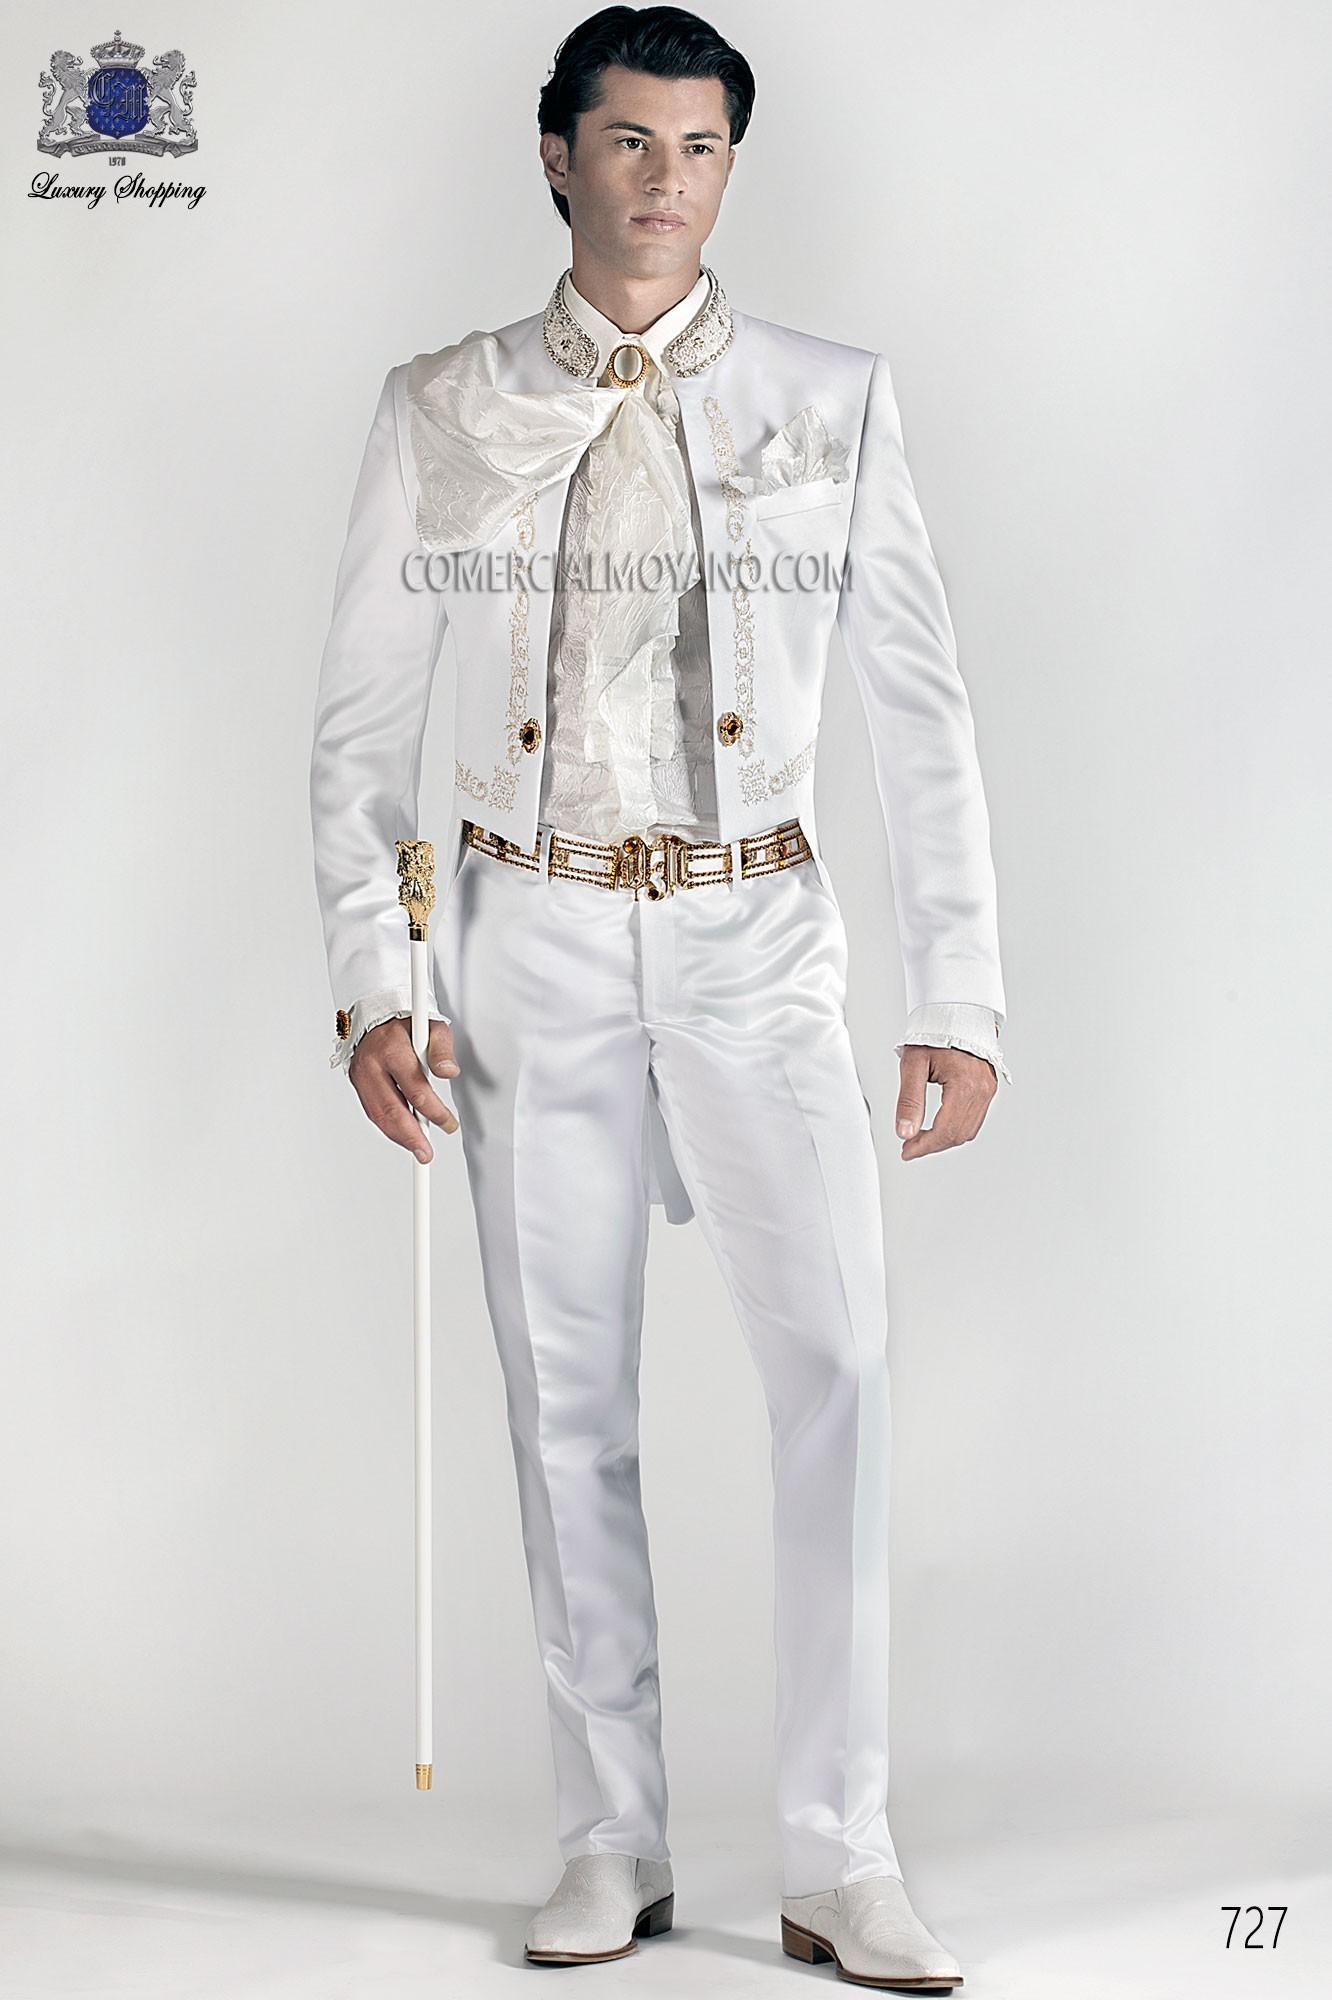 Traje de novio barroco blanco modelo: 727 Ottavio Nuccio Gala colección 2017 Barroco